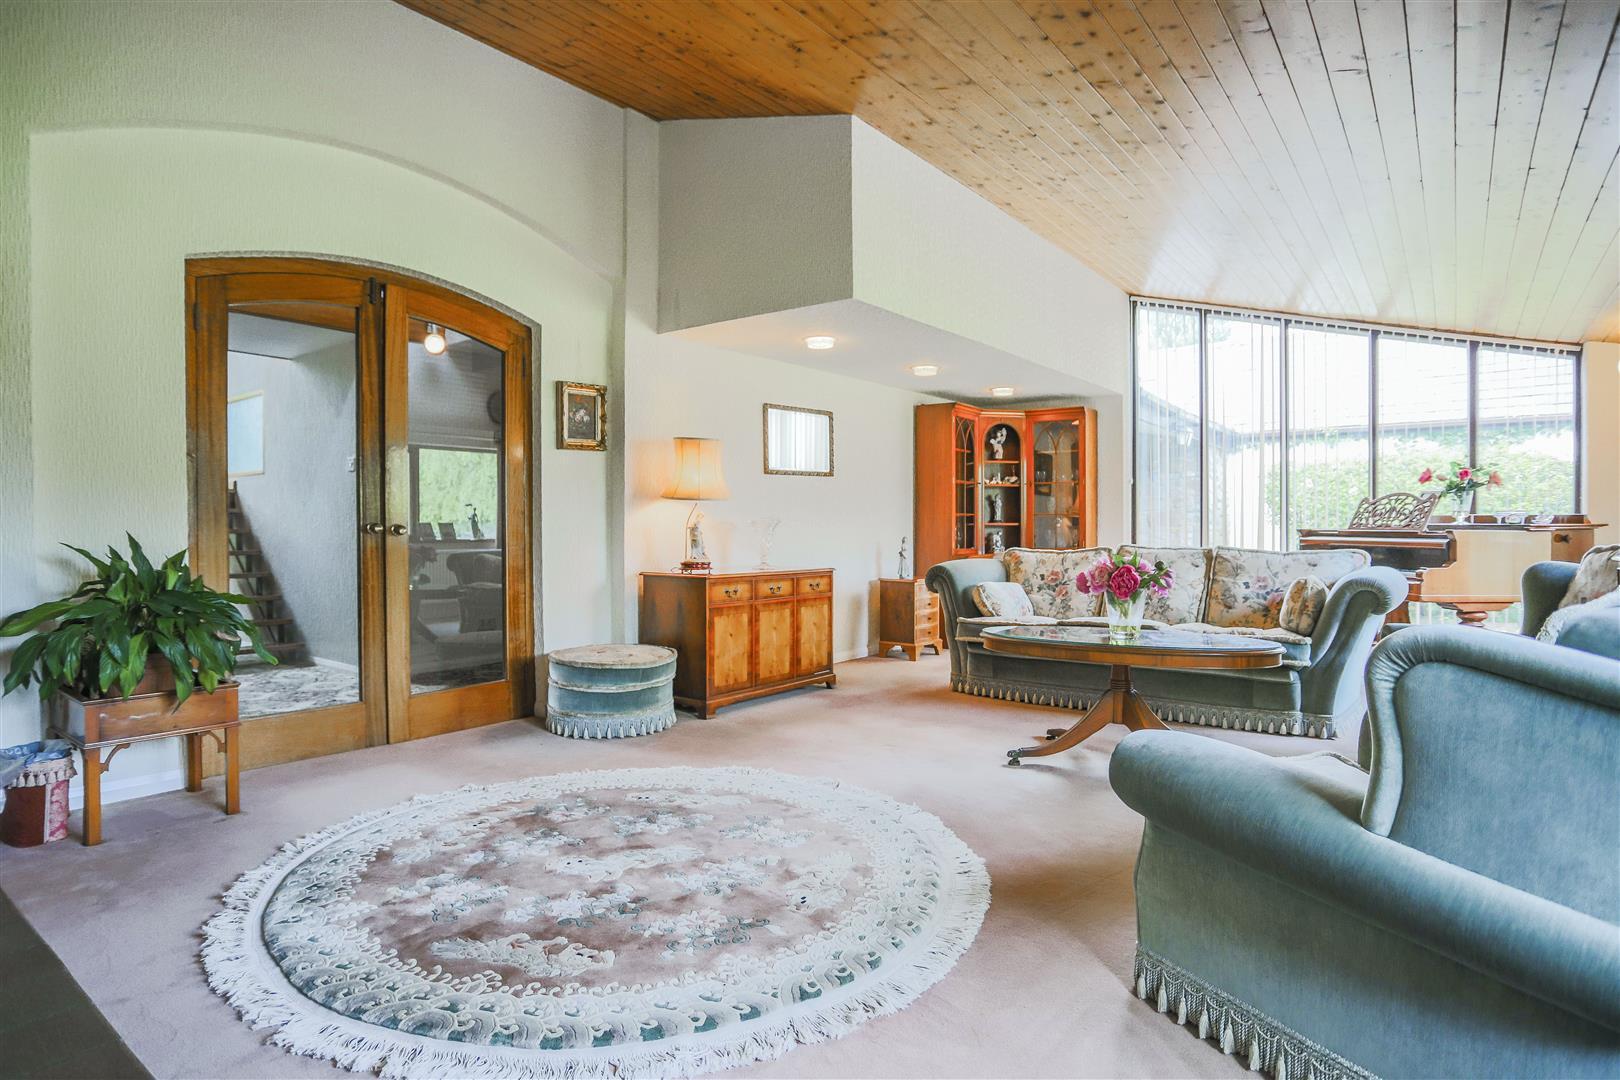 5 Bedroom Farmhouse For Sale - 20.JPG